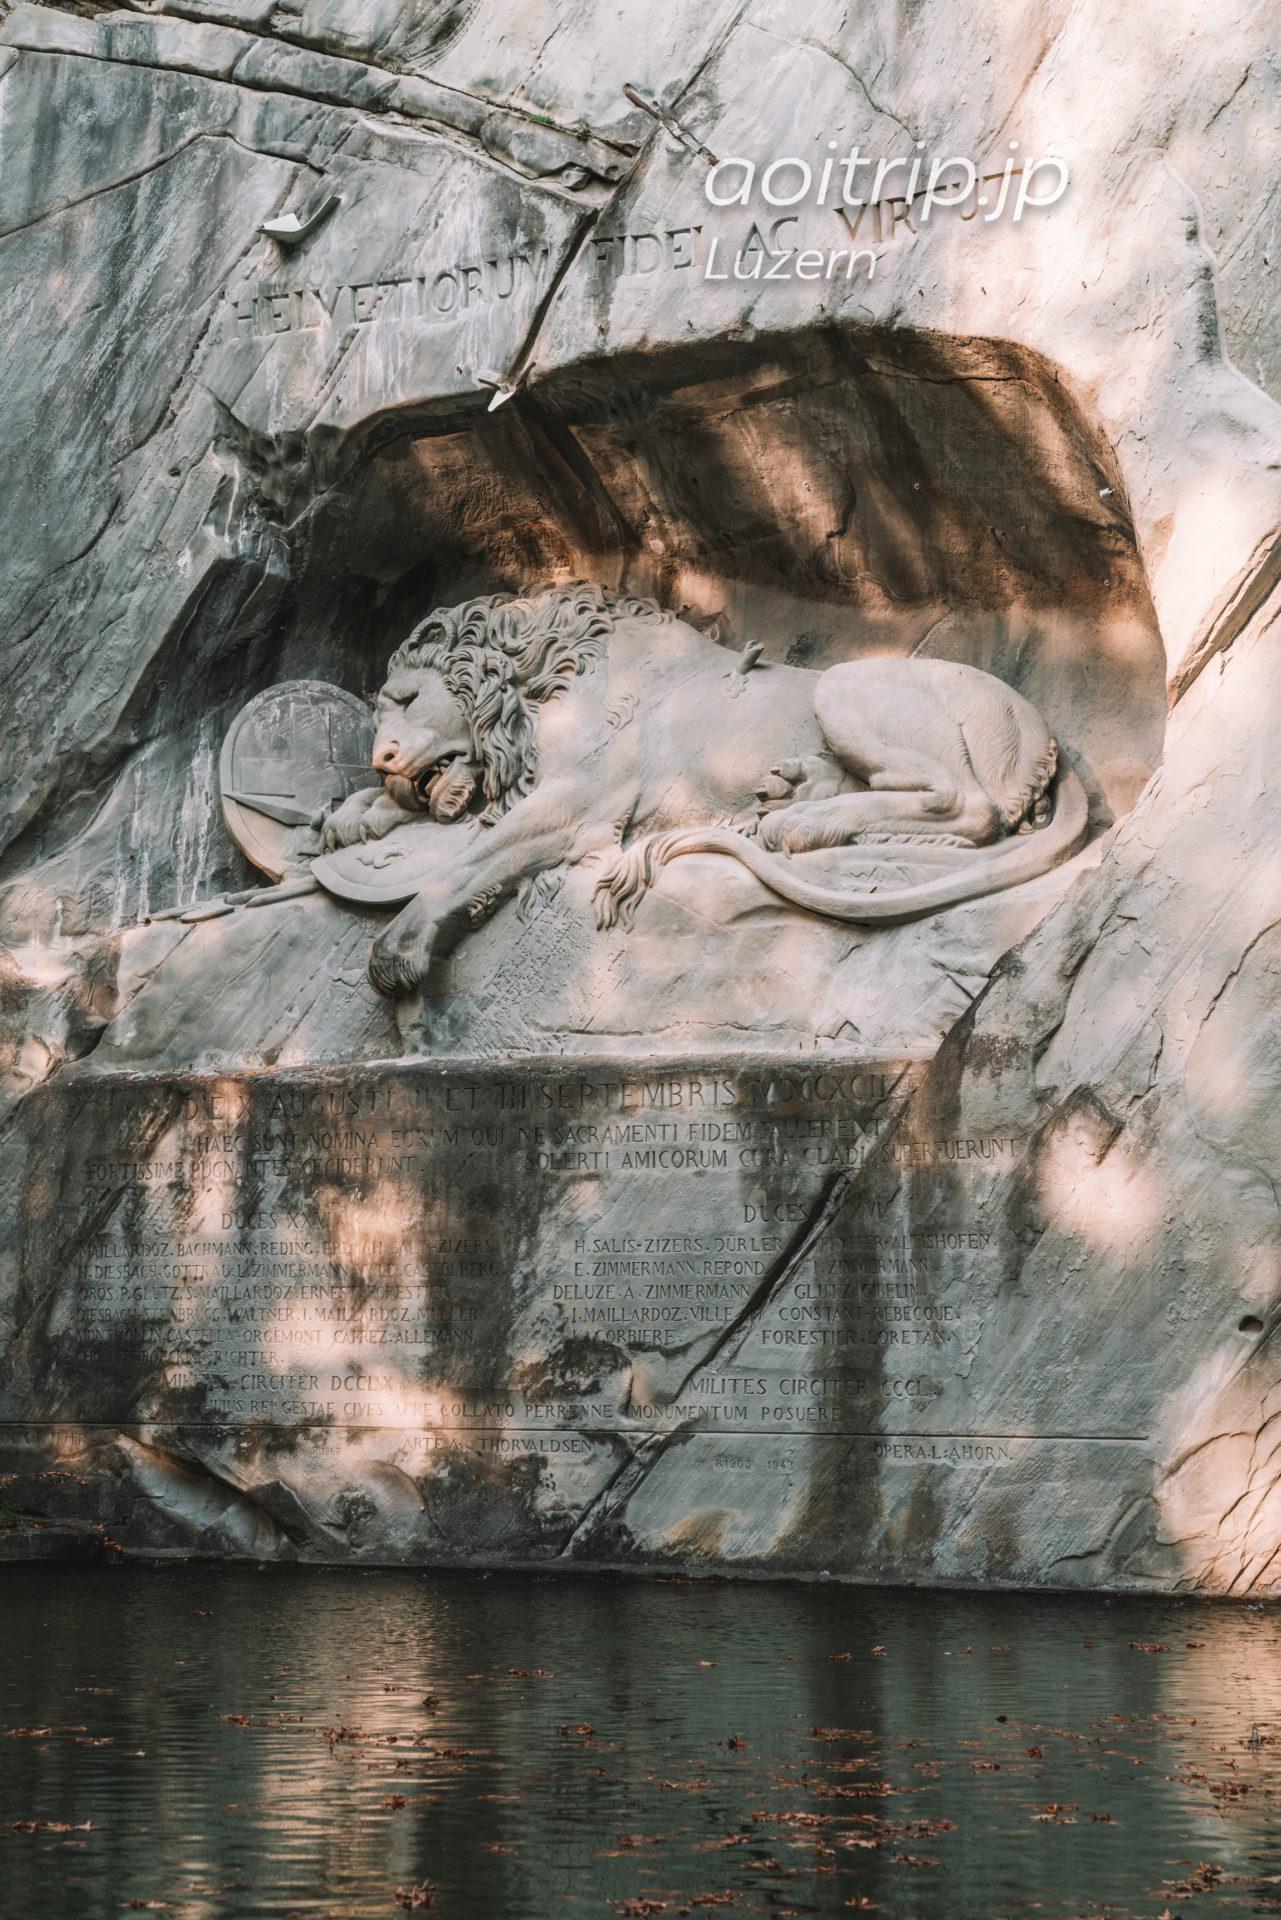 ルツェルンの瀕死のライオン像